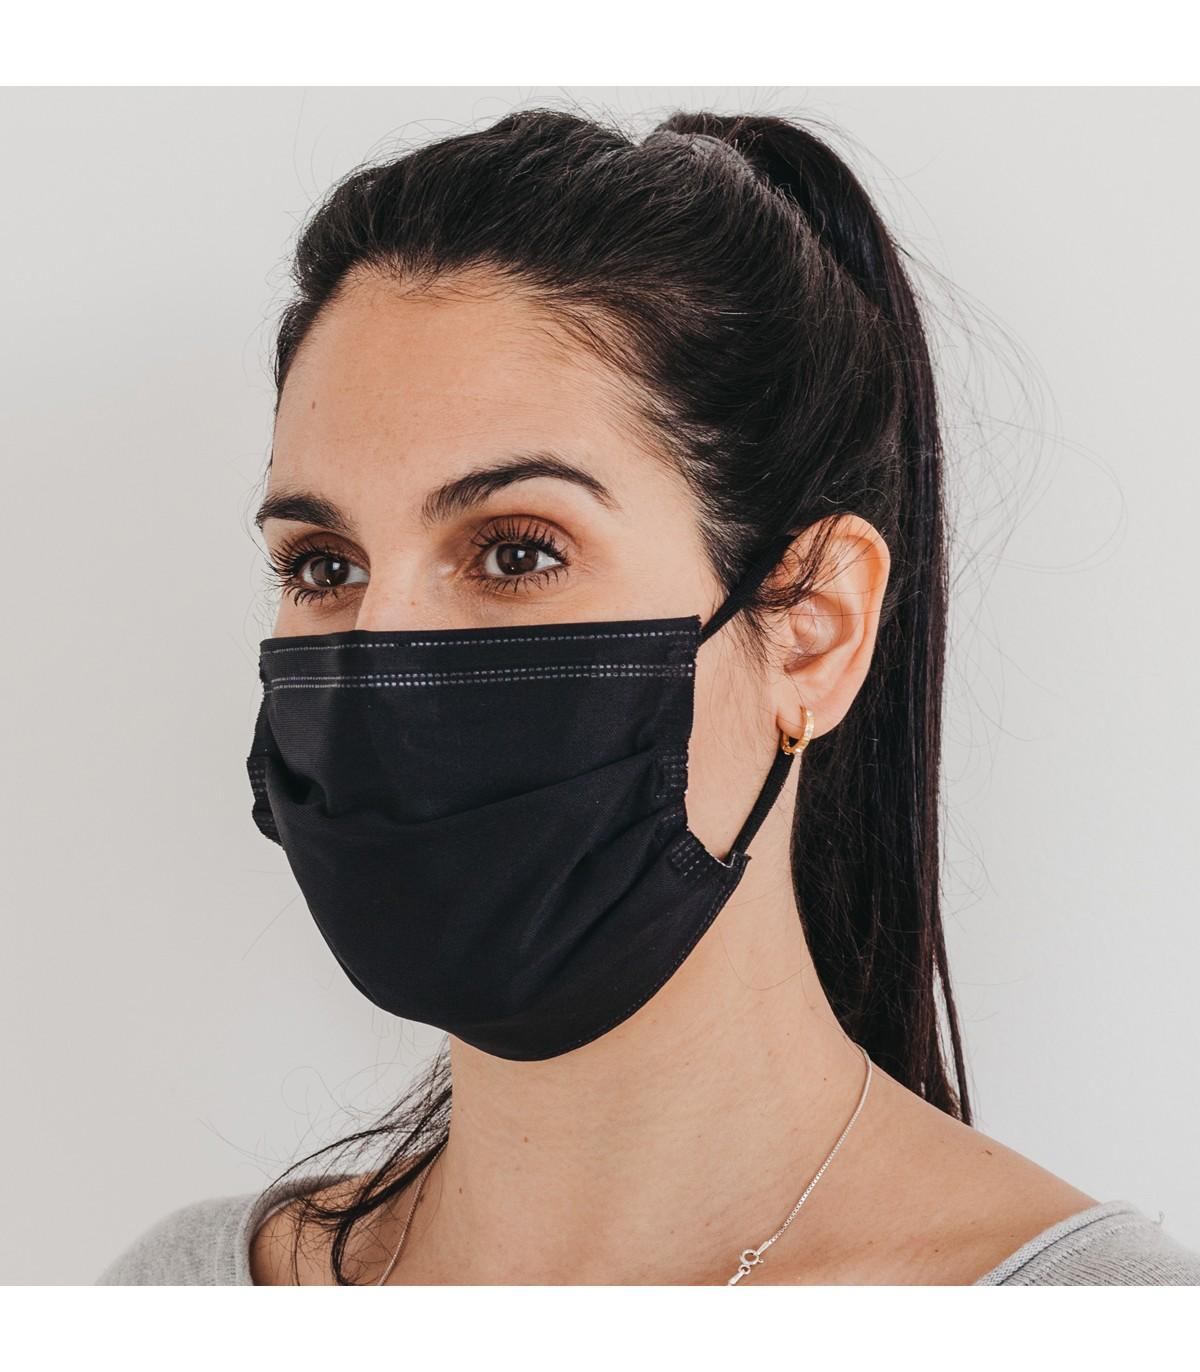 Mascarilla quirúrgica textil reutilizable - negra